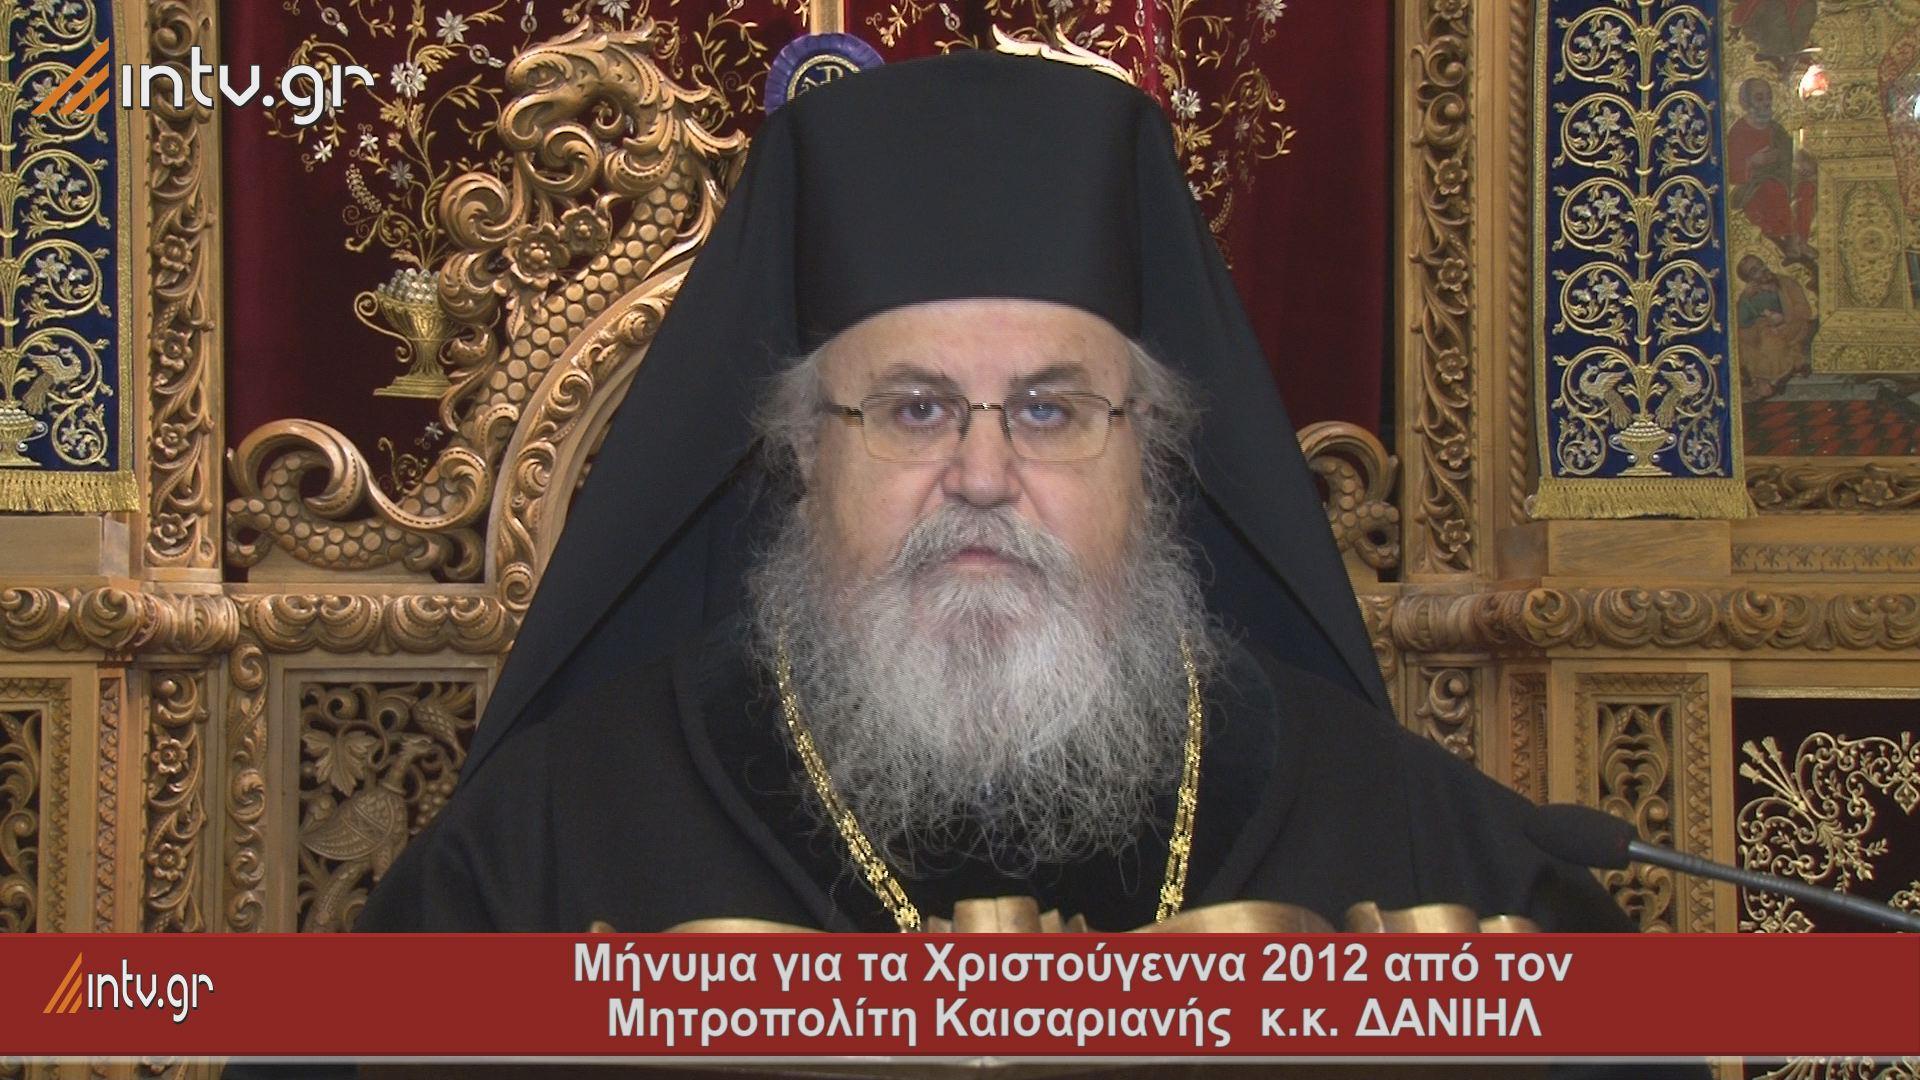 Μήνυμα Πρωτοχρονιάς 2013 του Σεβασμιωτάτου Μητροπολίτη Καισαριανής, Βύρωνος και Υμηττού κ. κ. Δανιήλ.